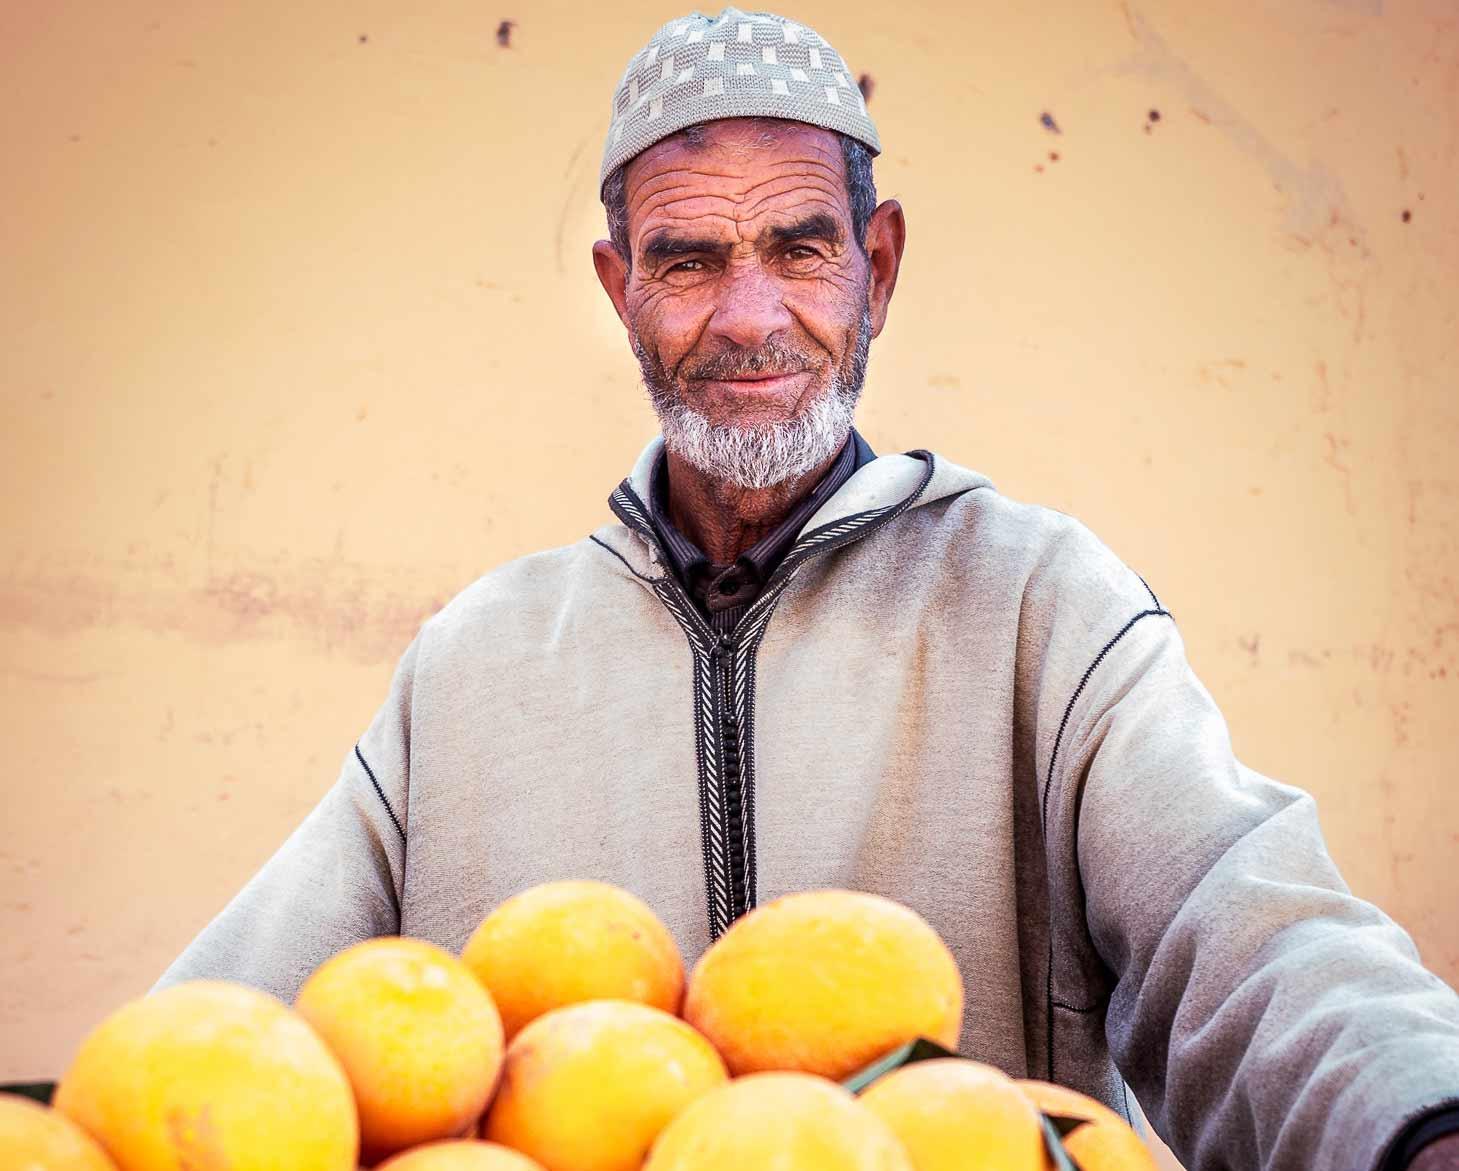 Alle Marrakesch Tipps für Deine Reise | marokko | marrakesch | reisetipps | highlights | ankunft | medina | unterkunft | reiseblog | afrika | urlaub in marokko